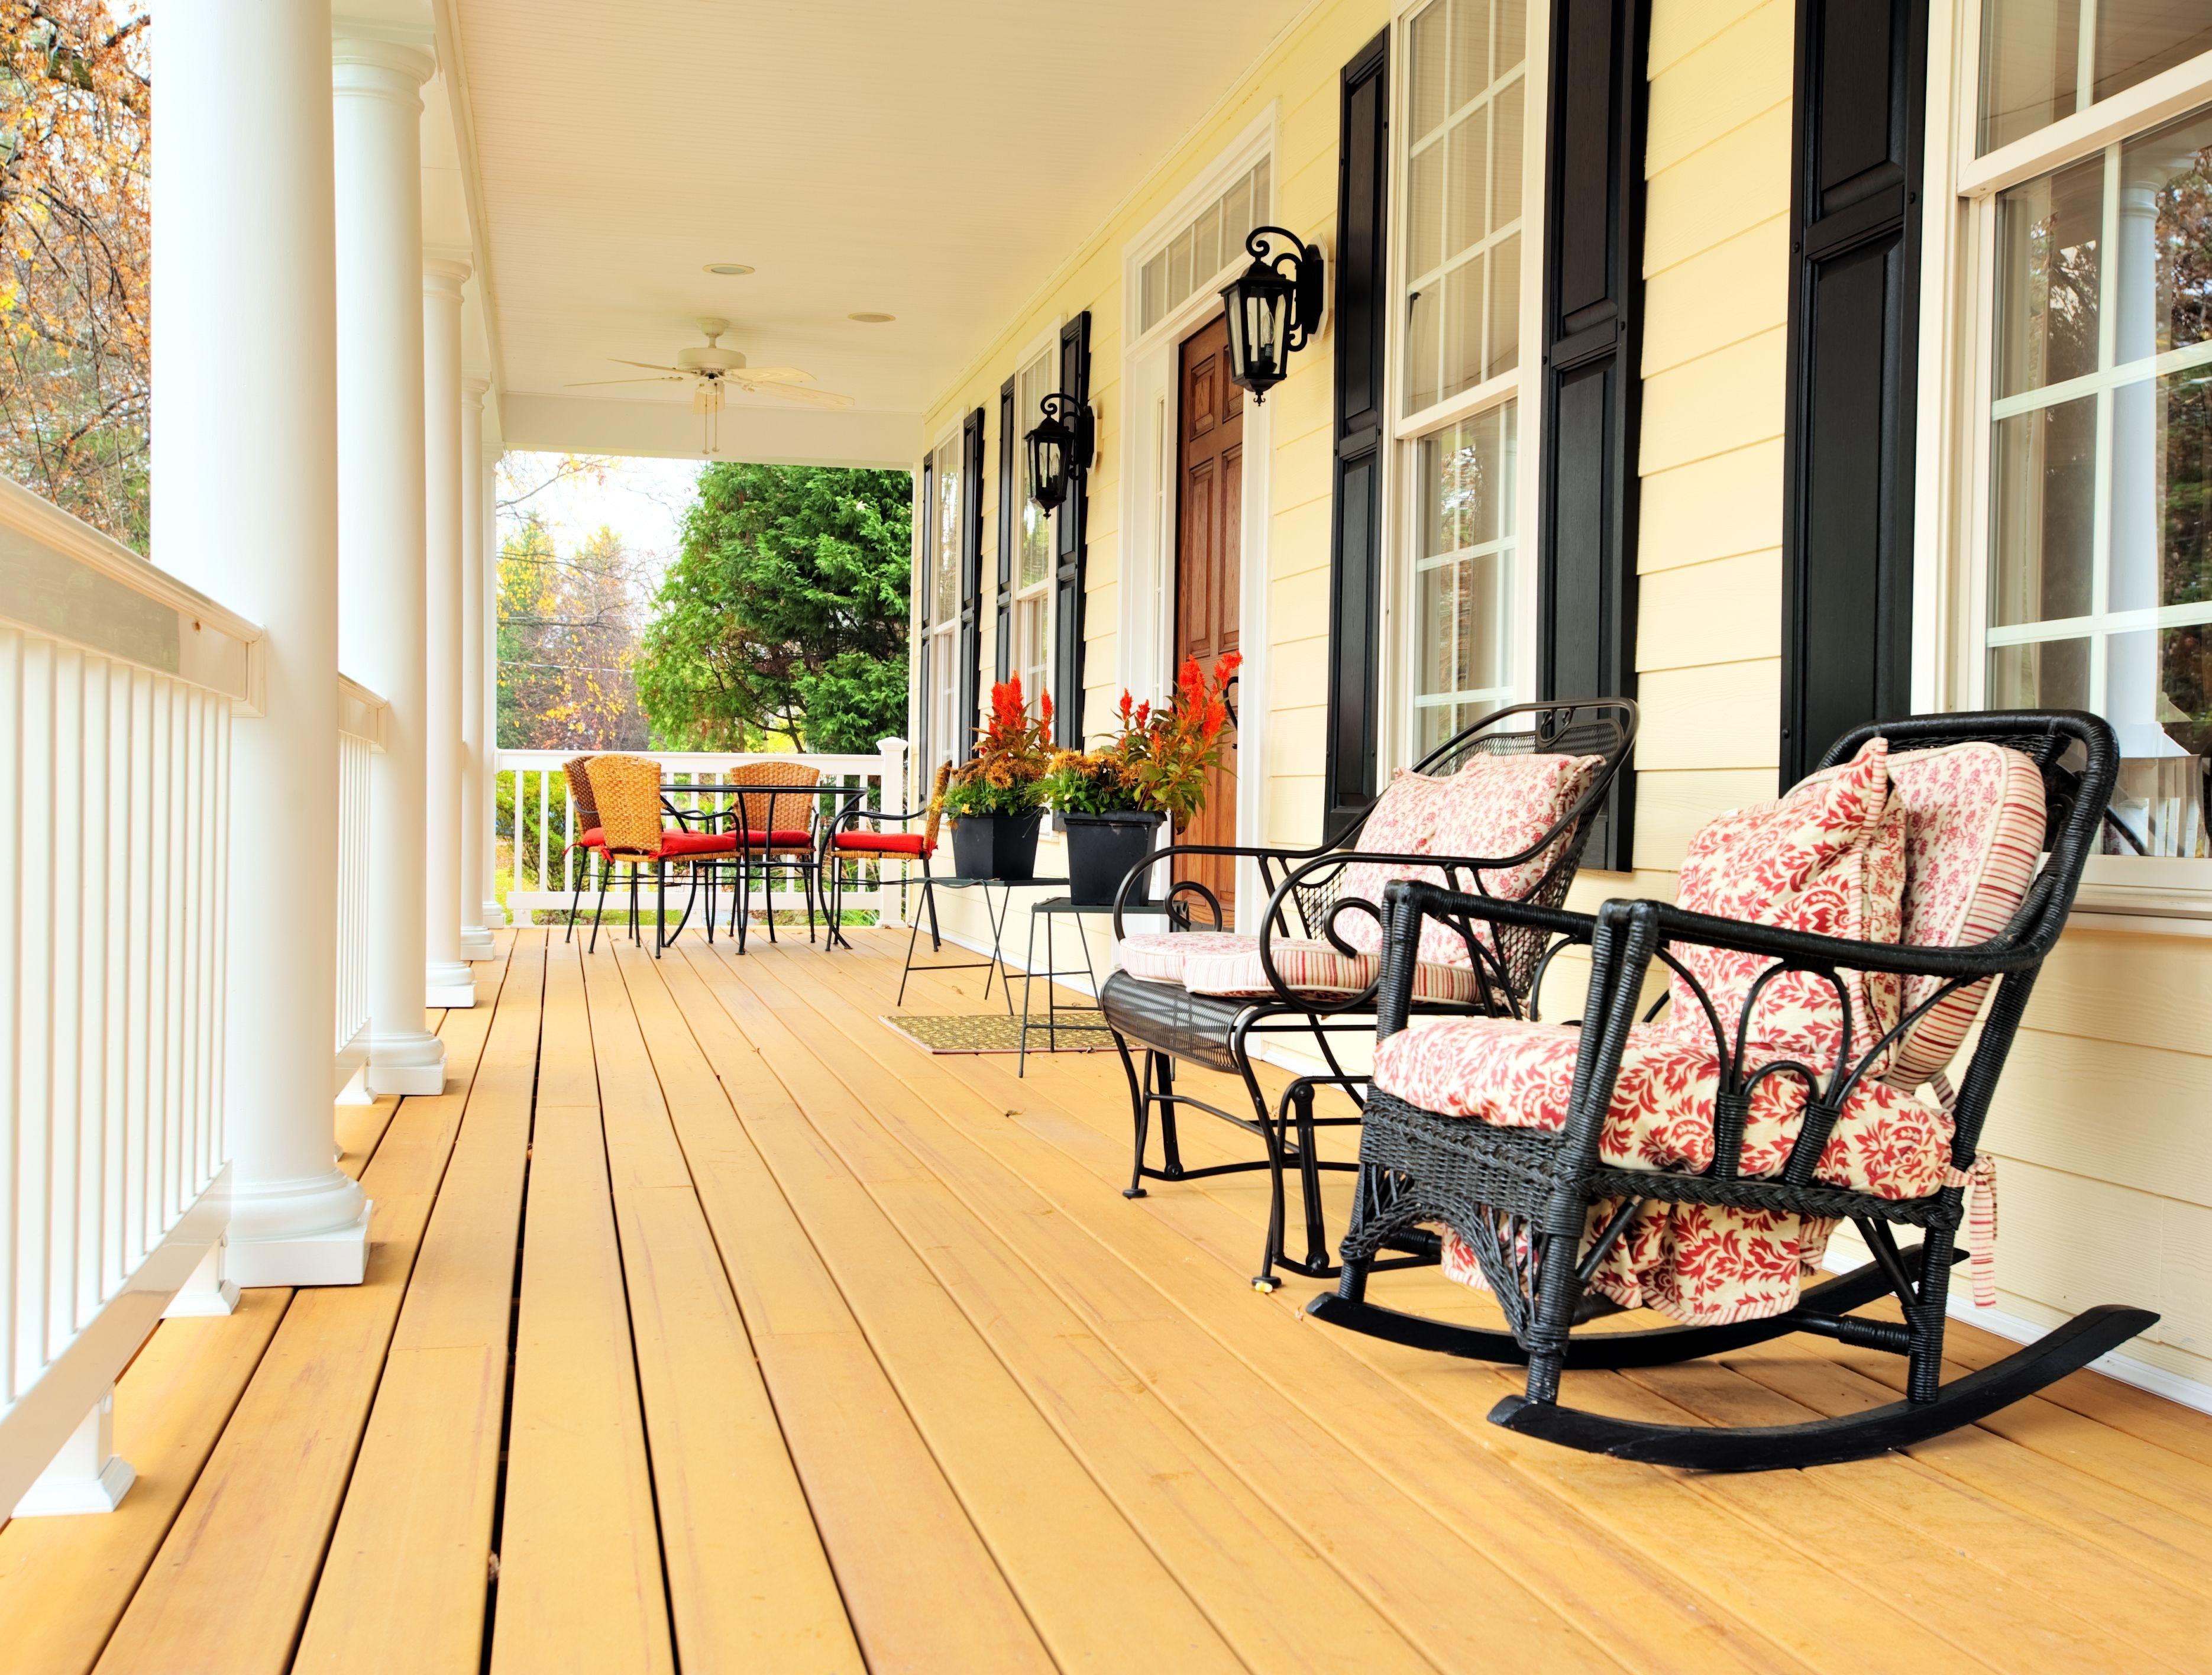 Как сделать крыльцо дома более уютным: 6 простых идей в фото.